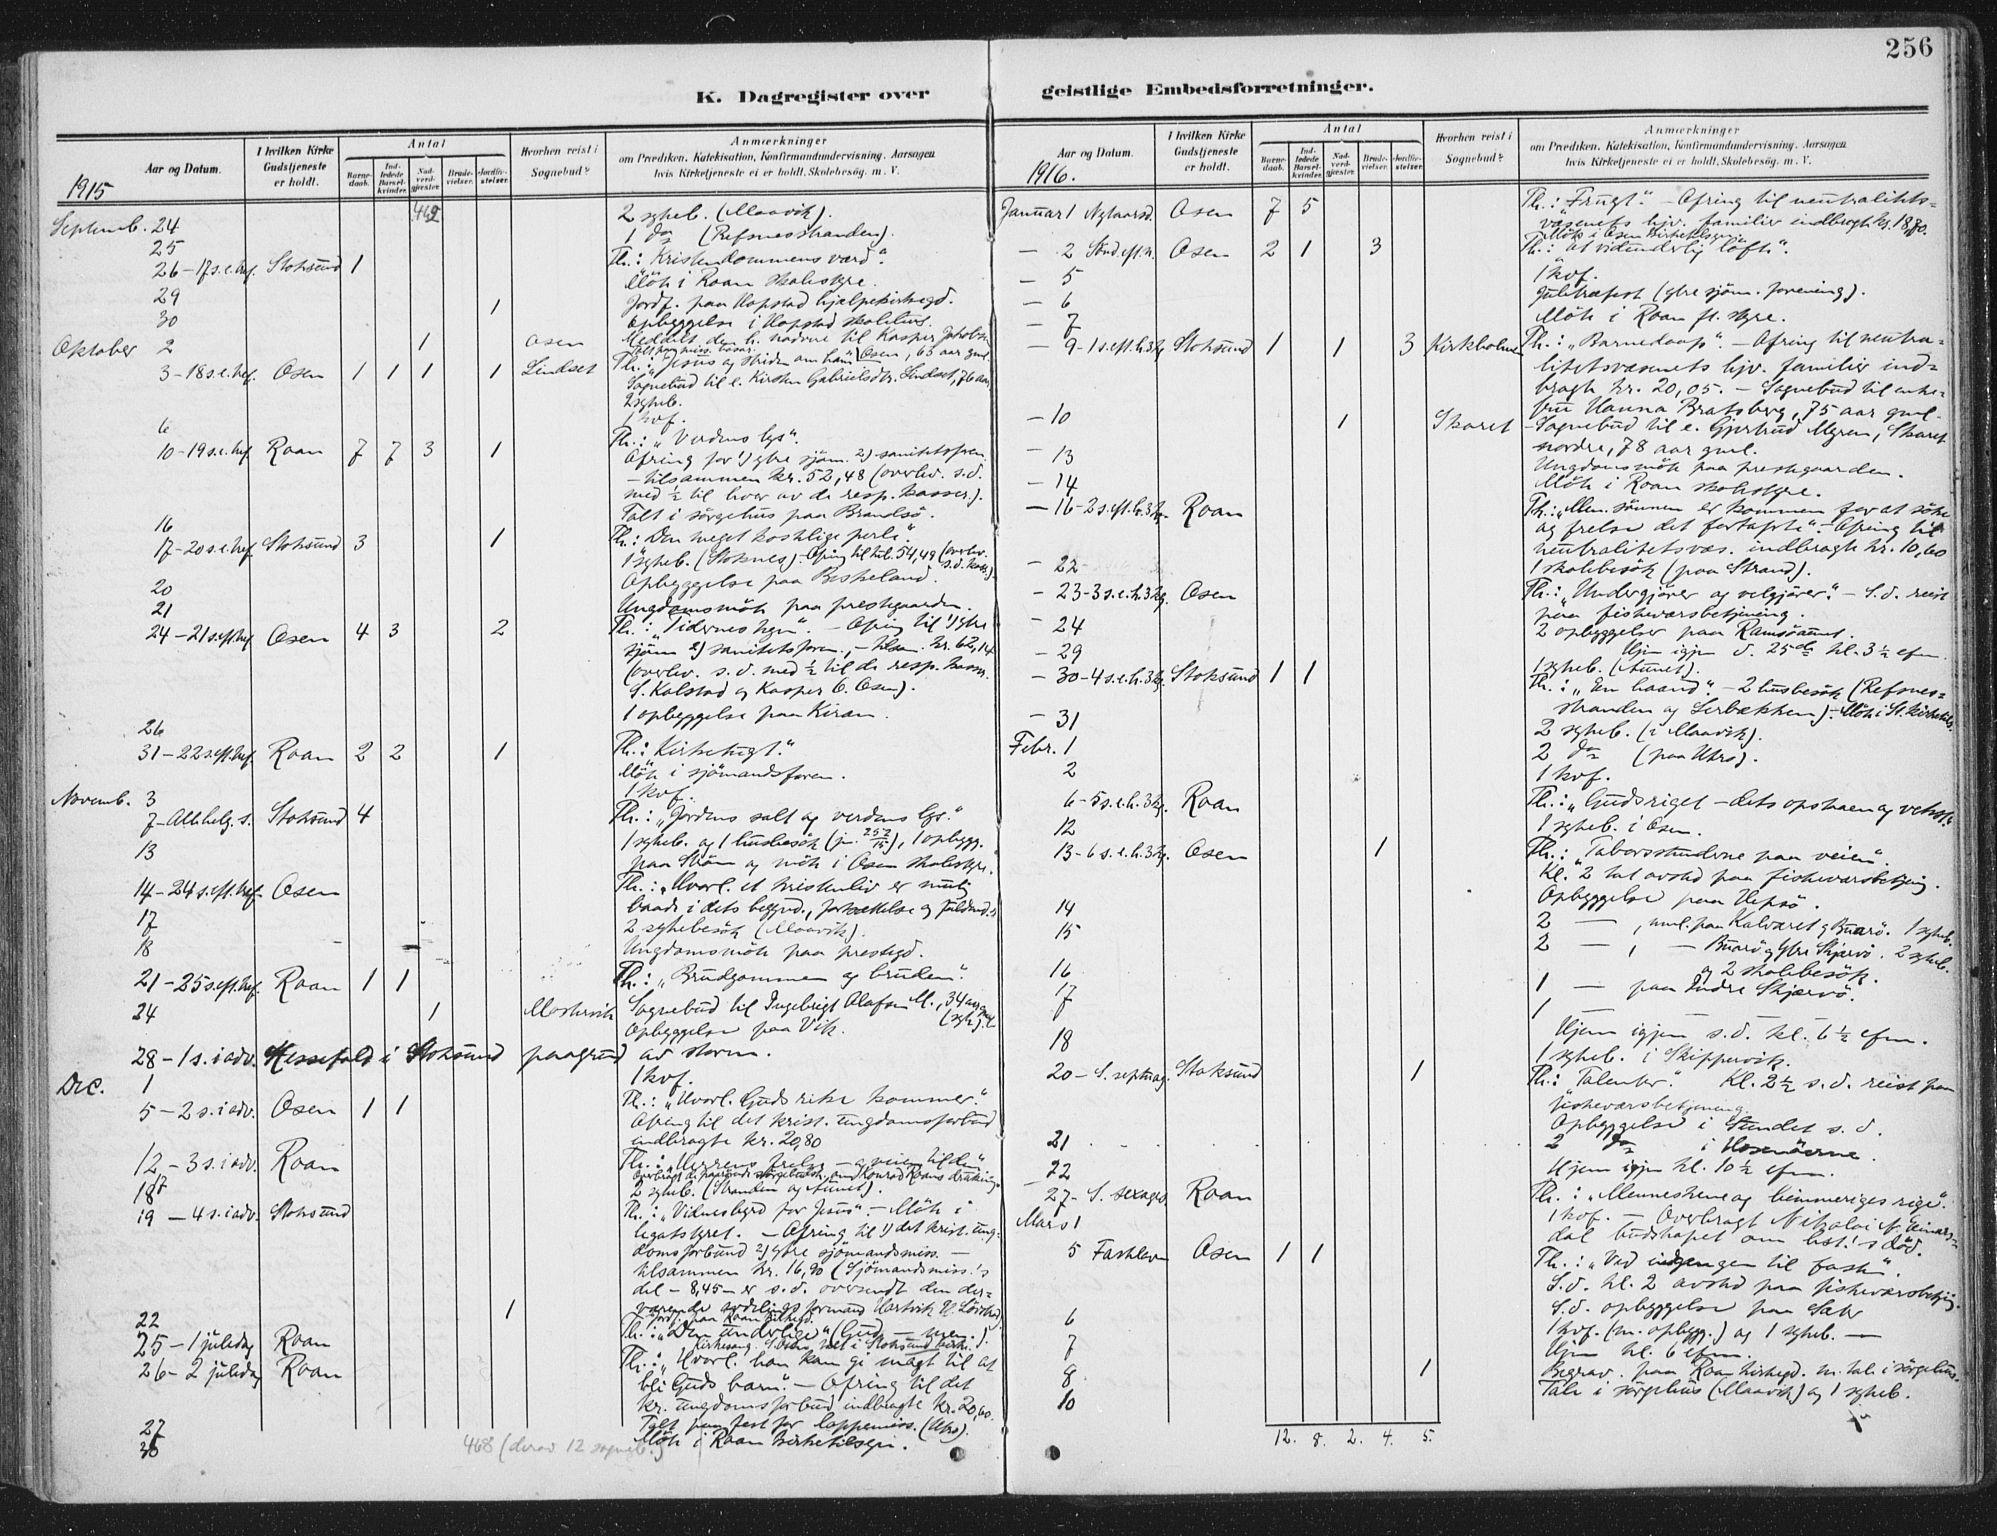 SAT, Ministerialprotokoller, klokkerbøker og fødselsregistre - Sør-Trøndelag, 657/L0709: Ministerialbok nr. 657A10, 1905-1919, s. 256